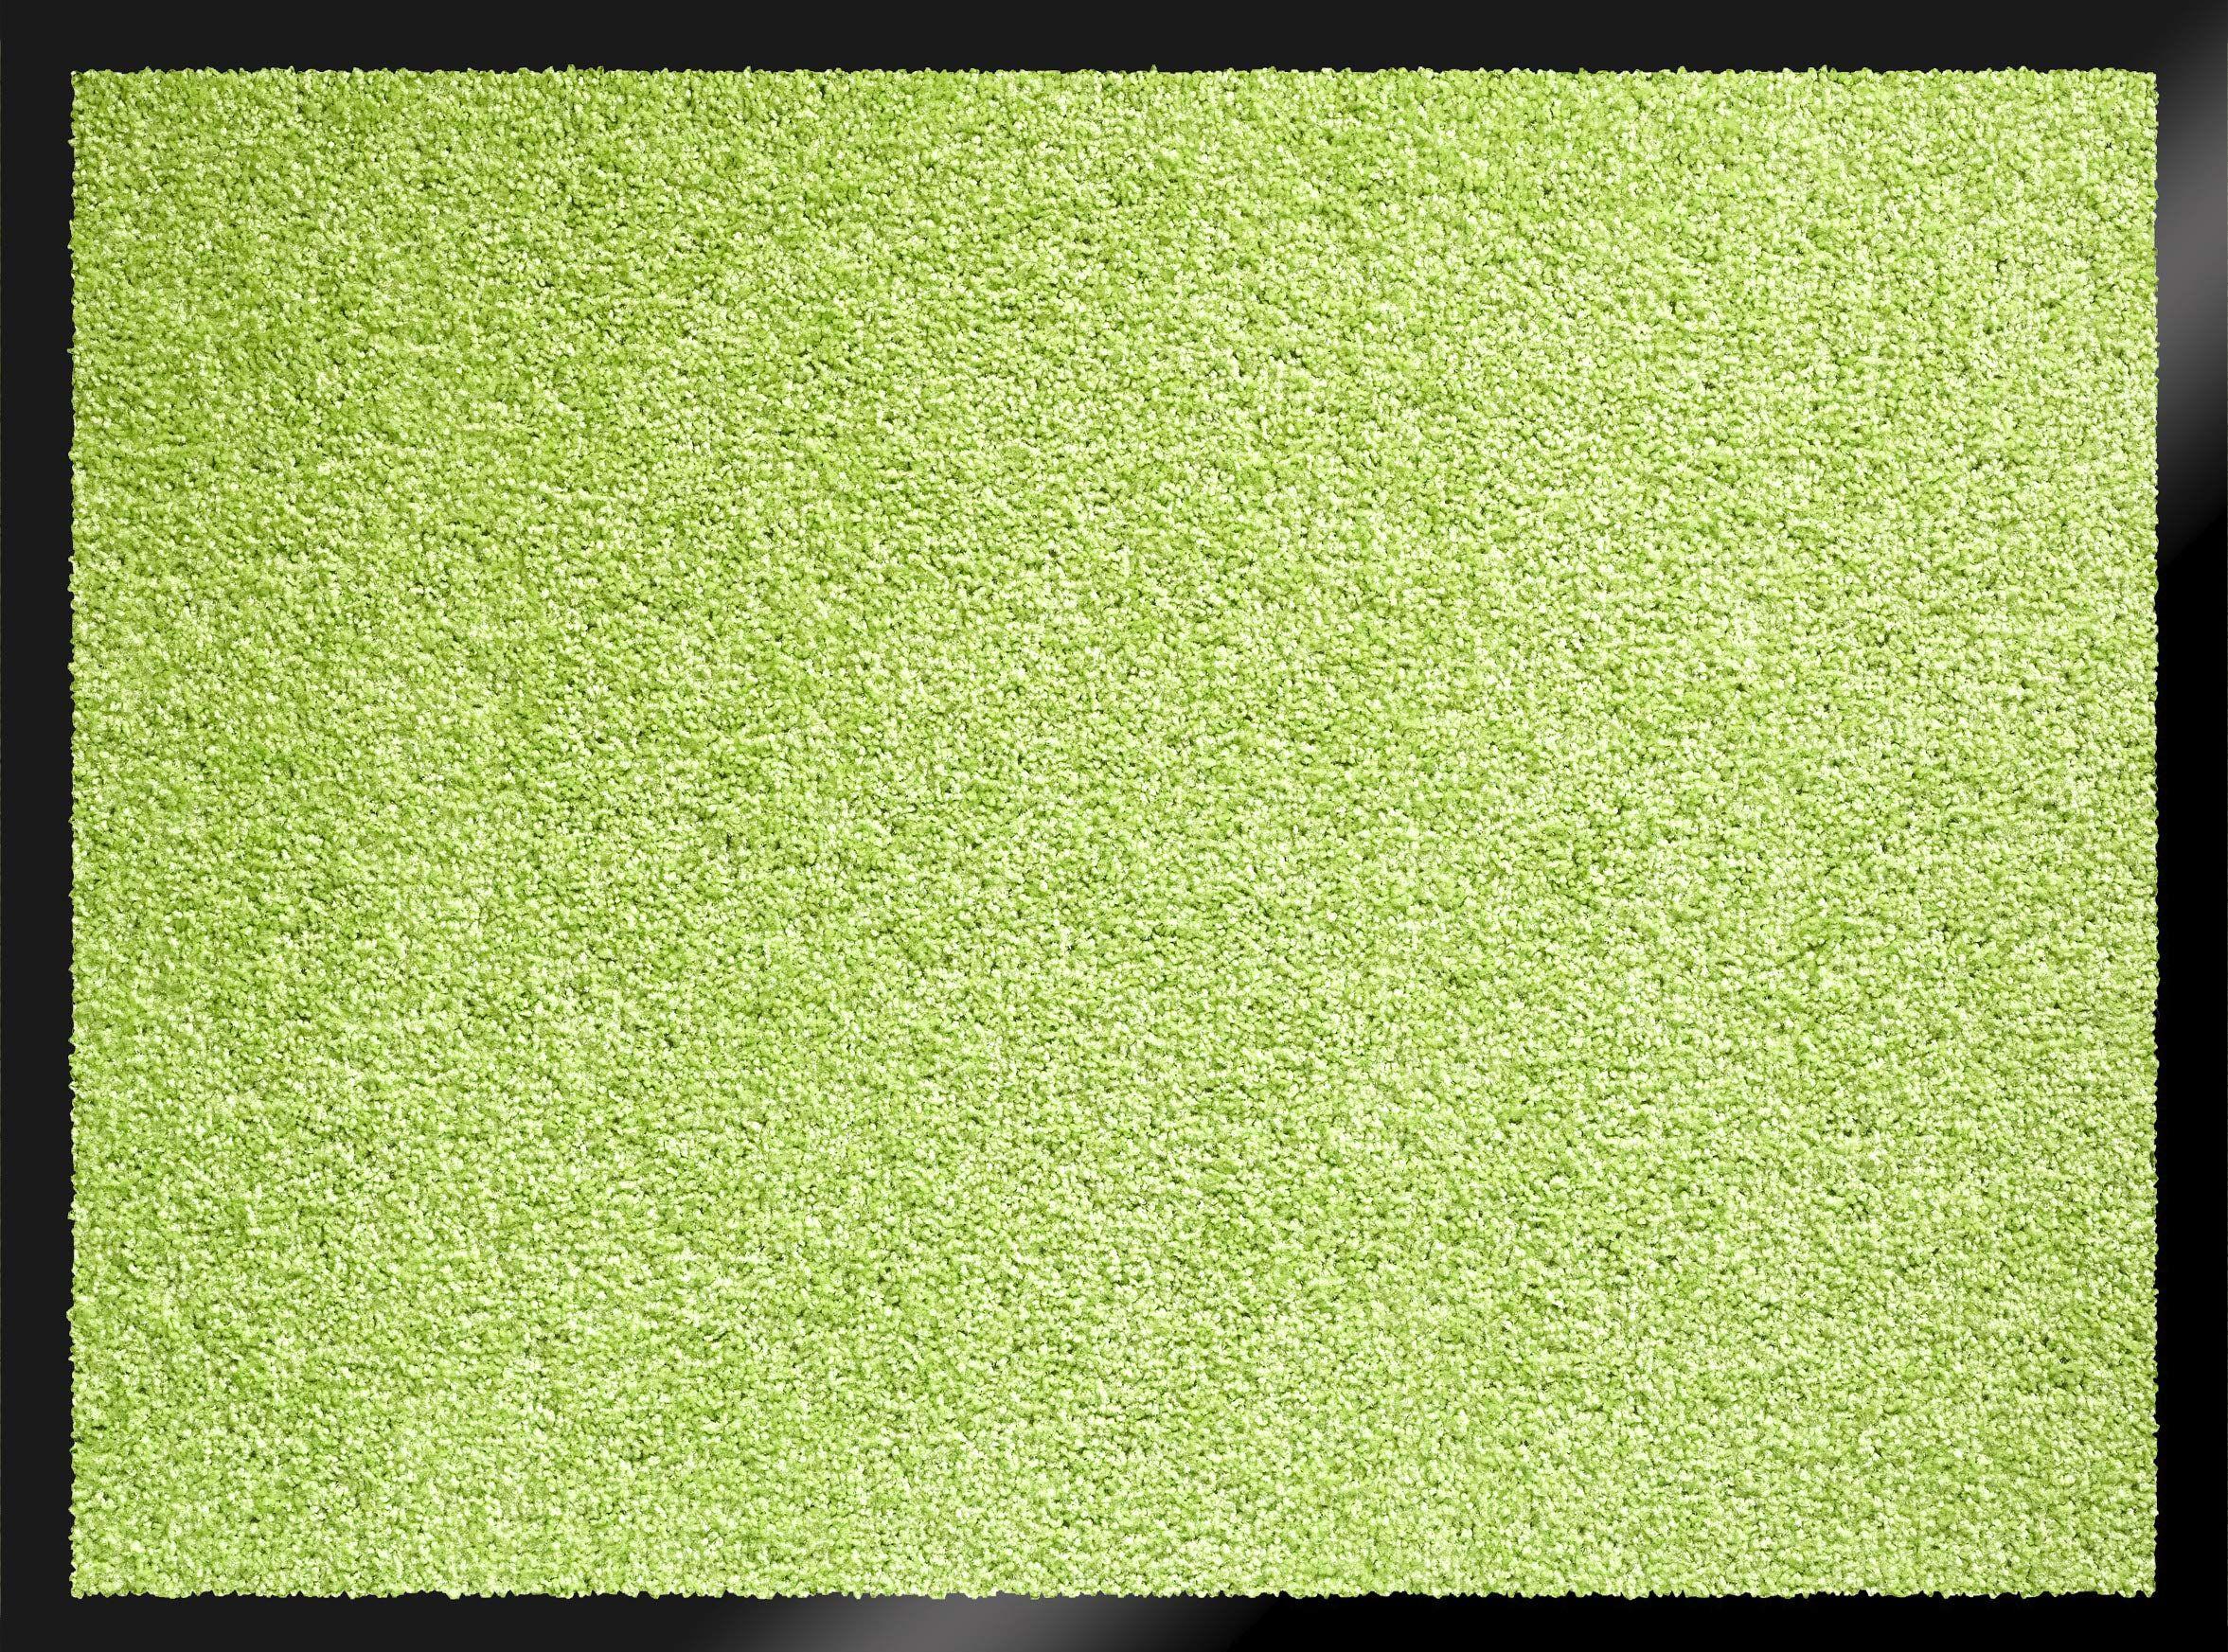 ID Matte 608005 Mirande wycieraczka włókno nylonowe/guma PCW 80 x 60 cm), zielona, 60 x 80 cm